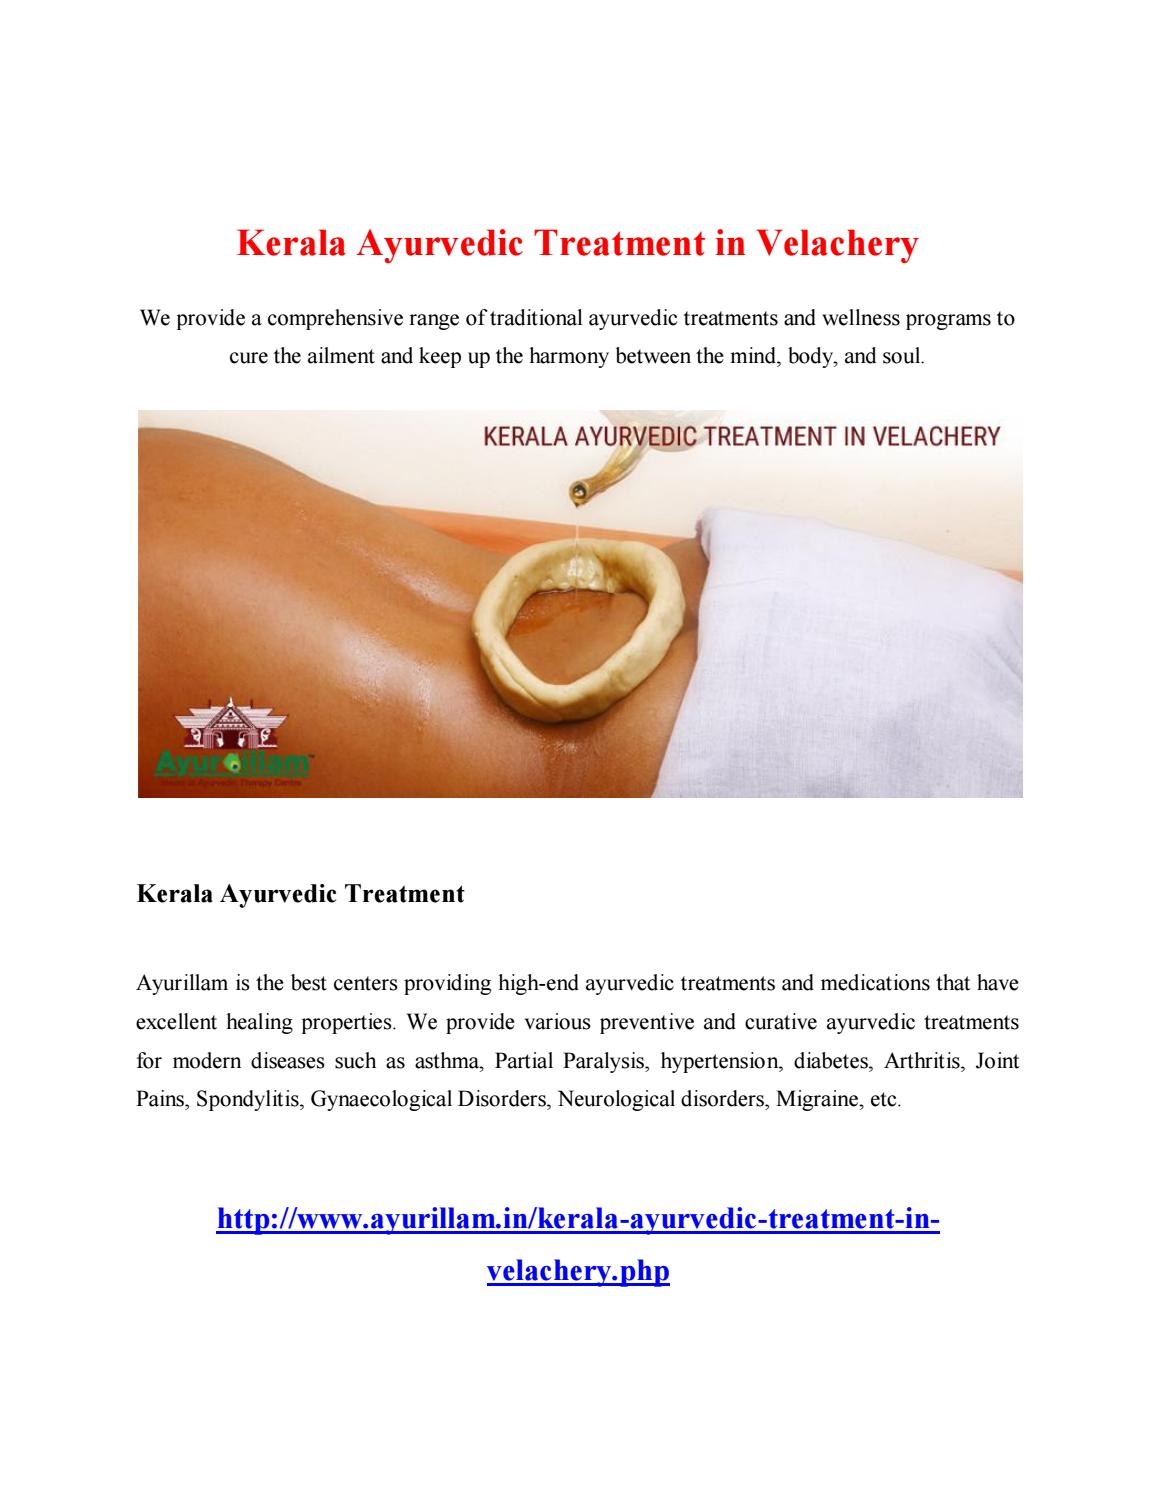 Kerala ayurvedic treatment in velachery by chdhanam - issuu